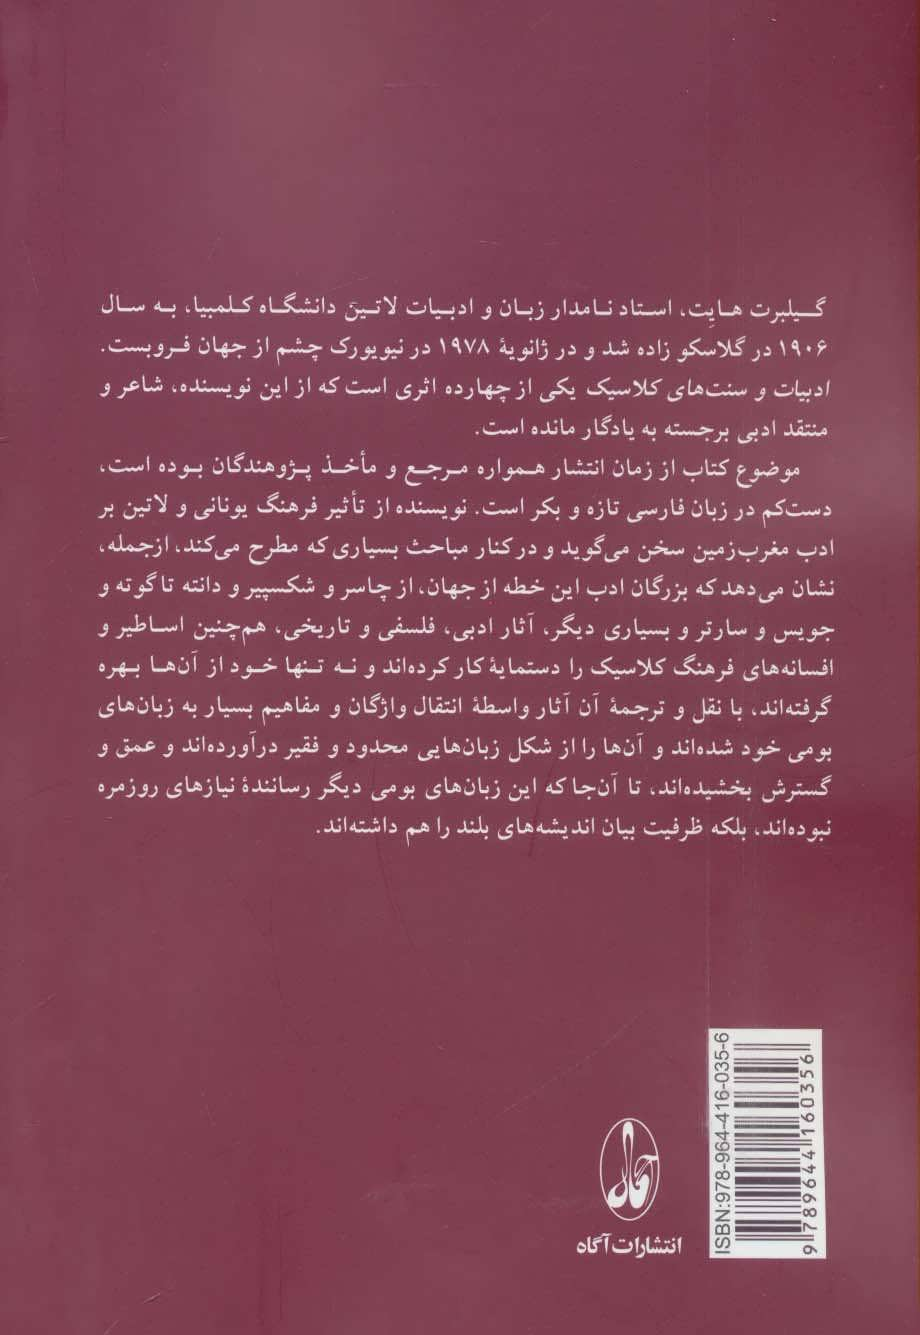 ادبیات و سنت های کلاسیک (تاثیر یونان و روم بر ادبیات غرب)،(2جلدی)